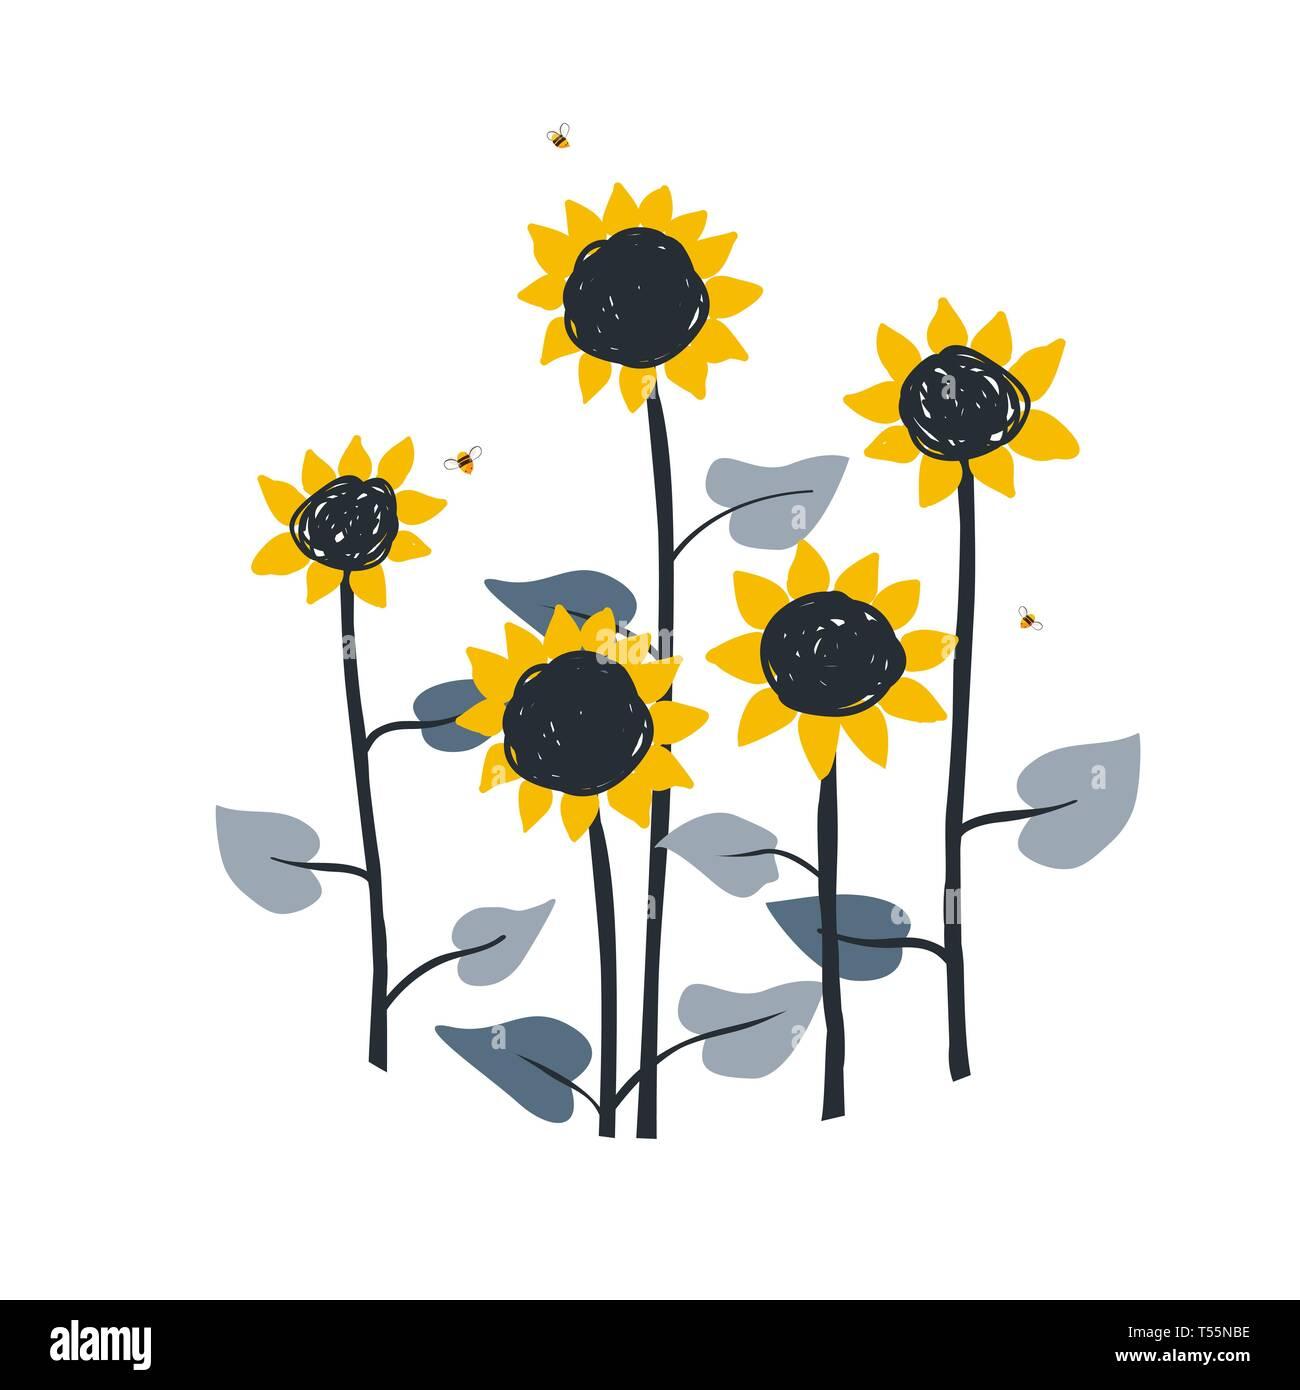 Doodle blumen abbildung mit wilden wiese sonnenblumen auf weißem hintergrund vektor element für sonnenblumen